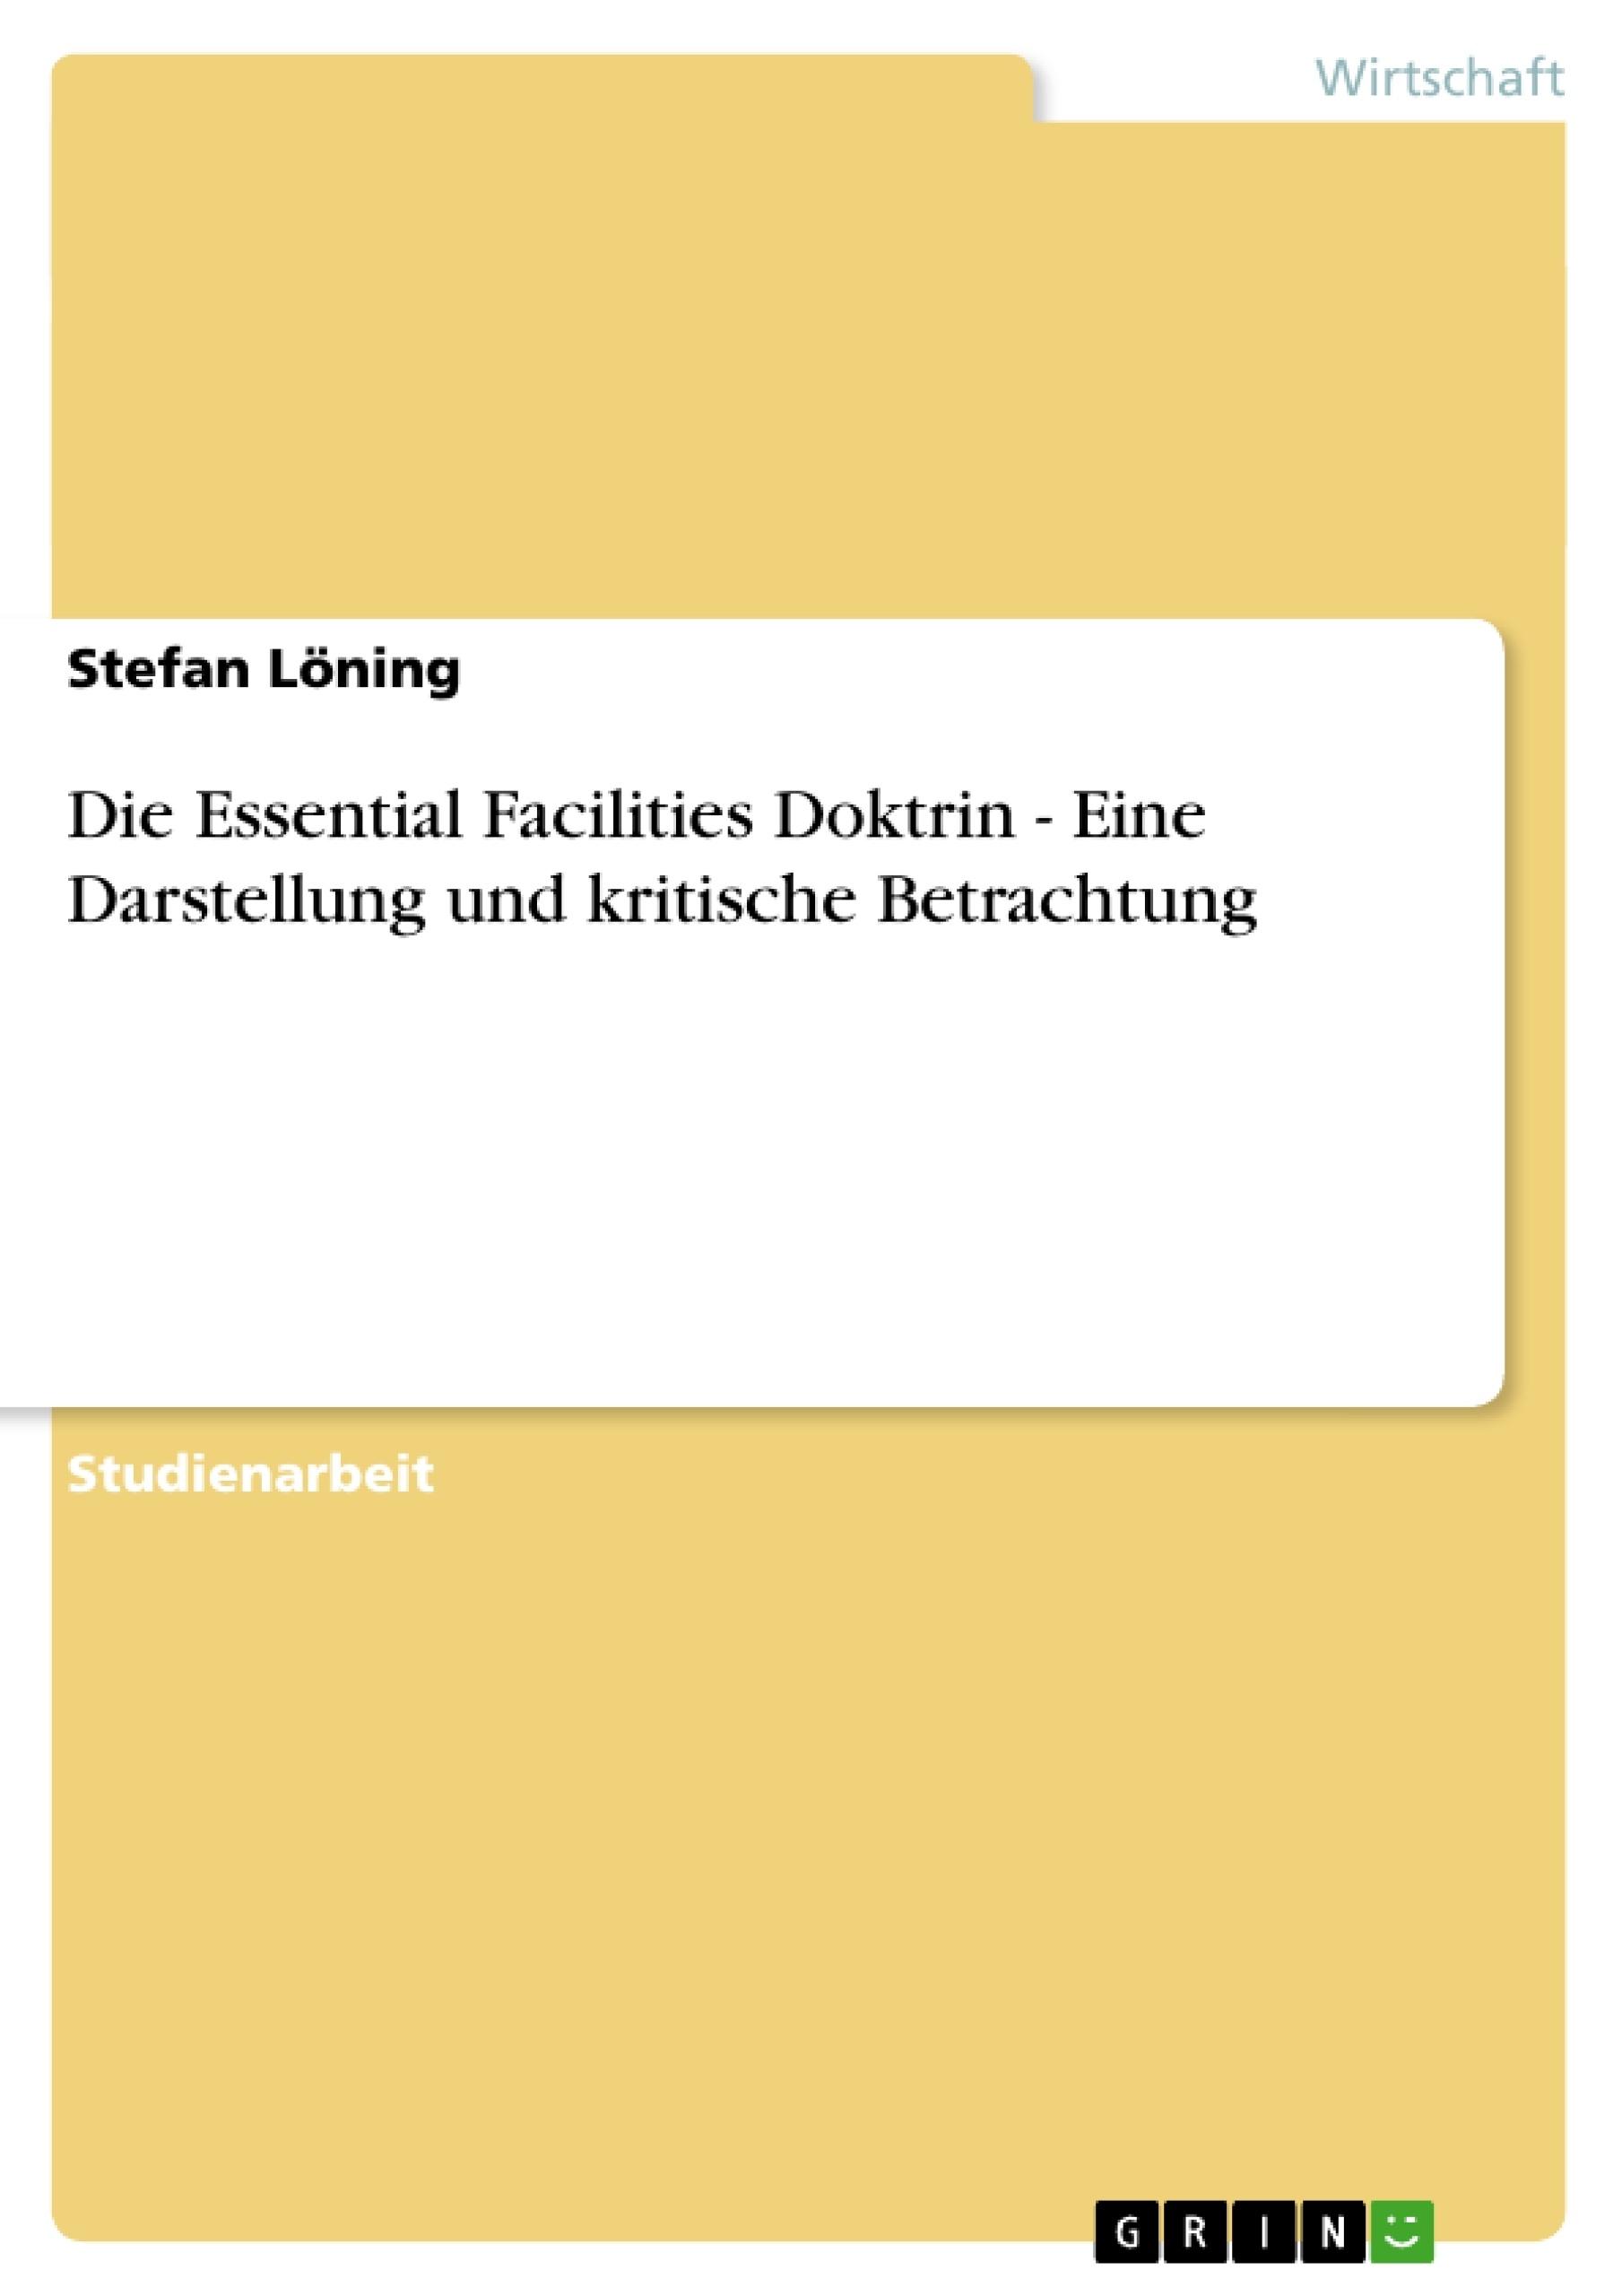 Titel: Die Essential Facilities Doktrin - Eine Darstellung und kritische Betrachtung